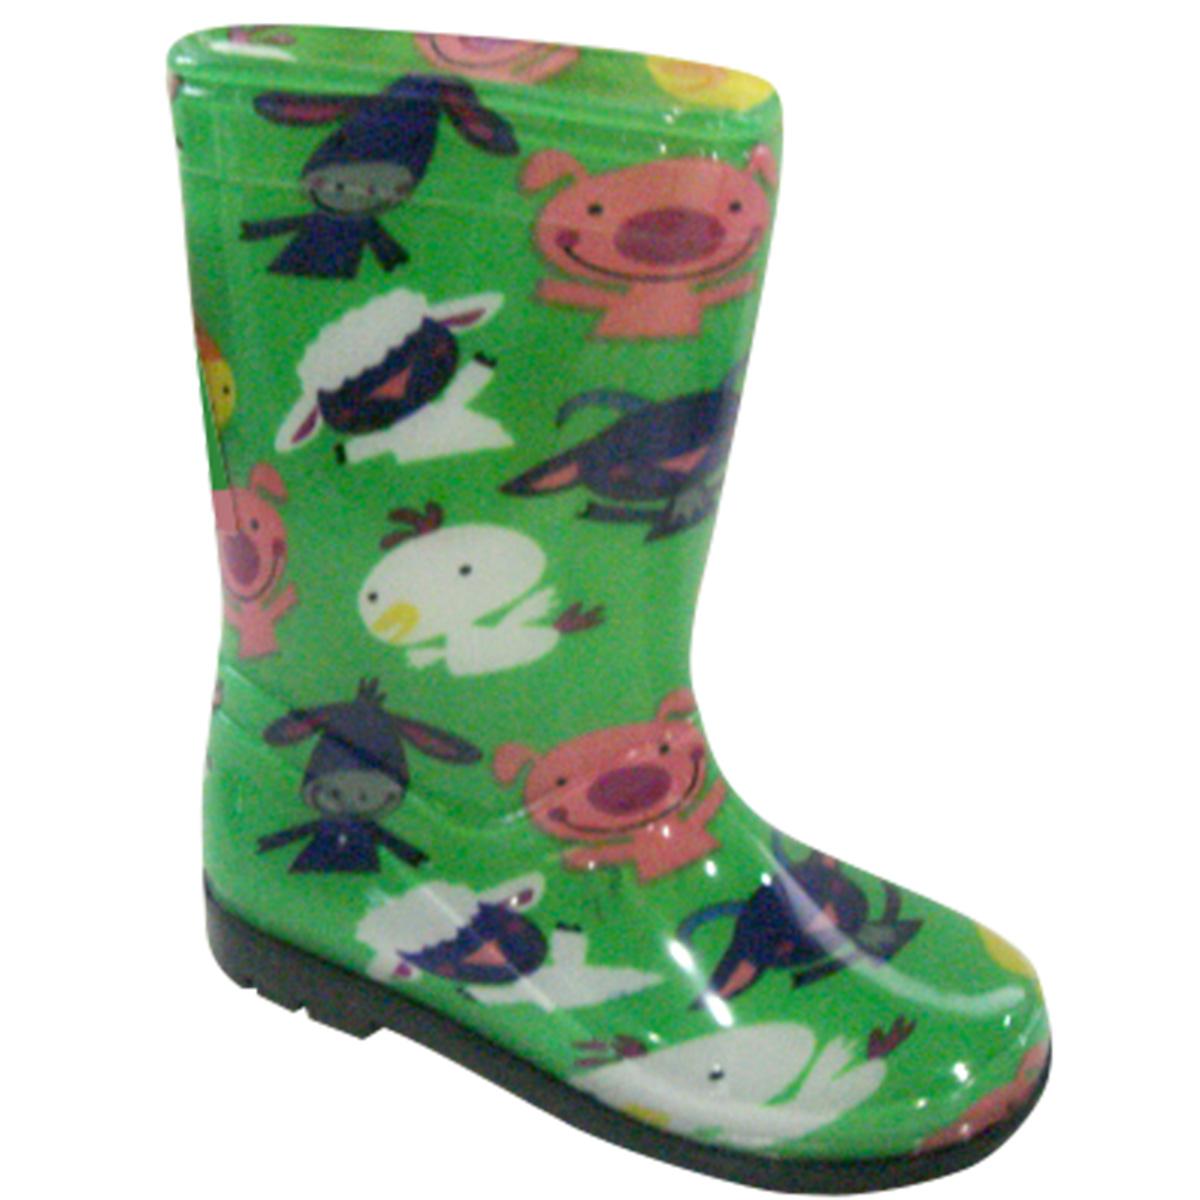 5514ddc63a282 PIDILIDI Detské čižmy s farebnými zvieratkami - zelené, EUR 22 ...